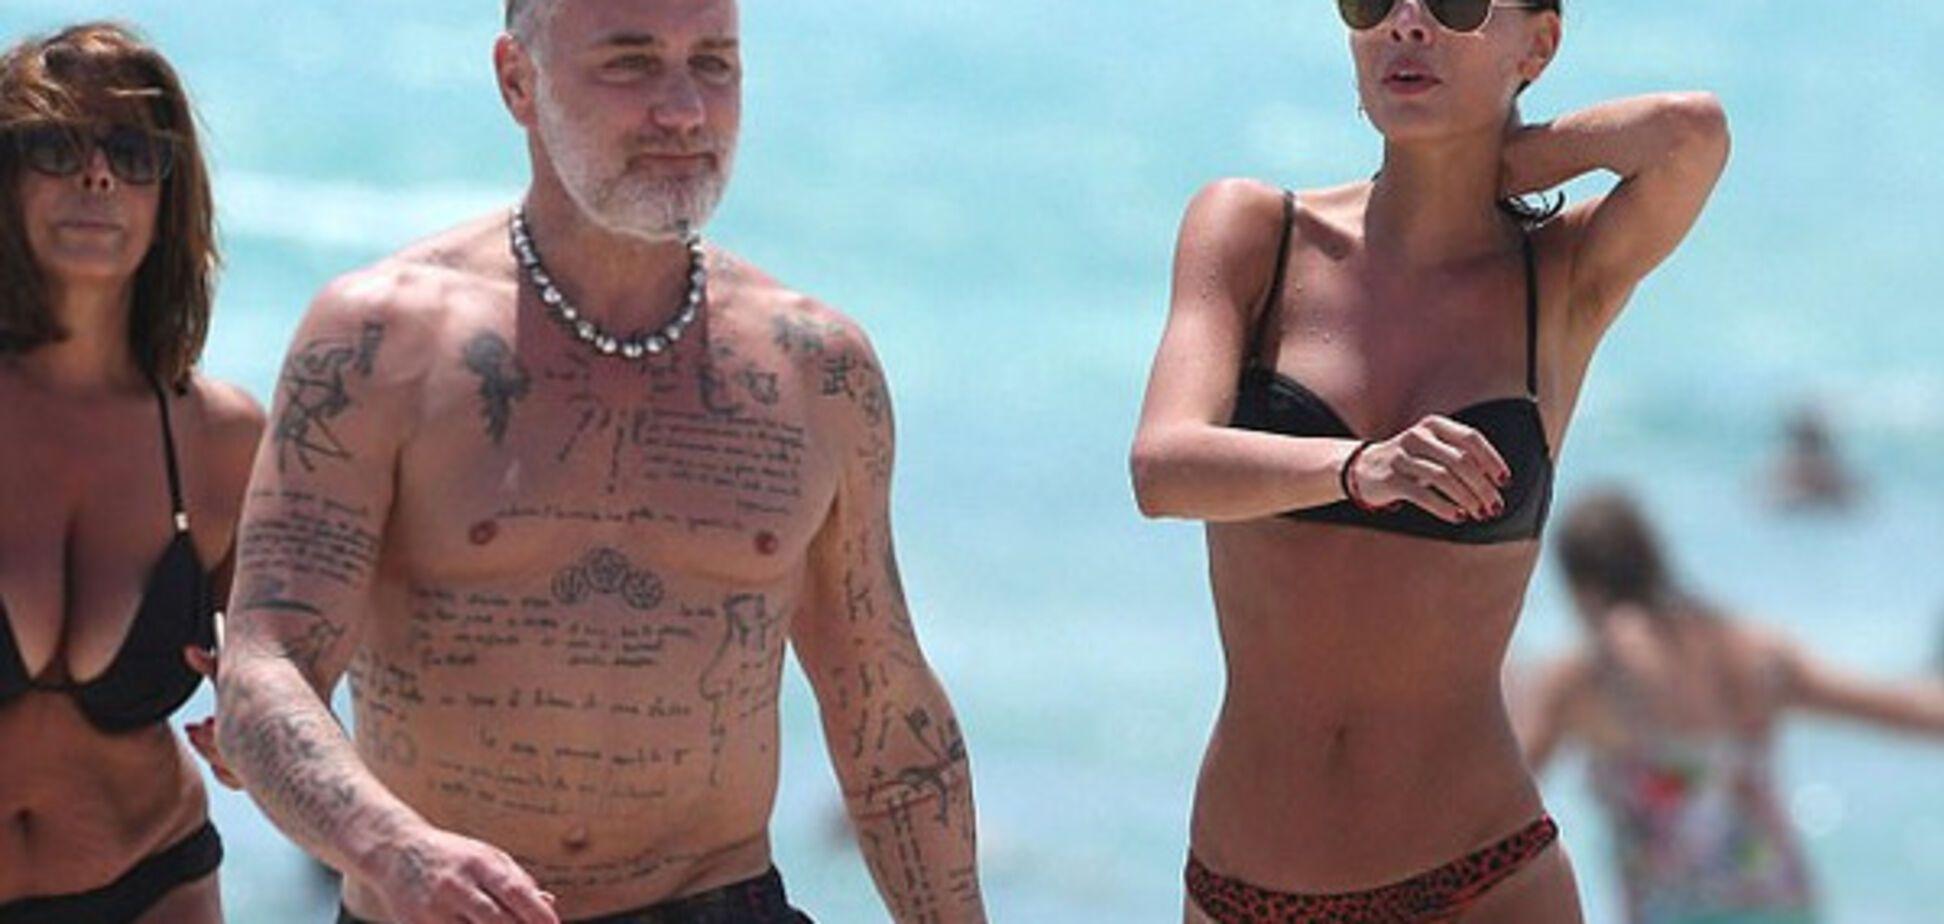 Знаменитый 'танцующий миллионер' зажег с моделями на пляже